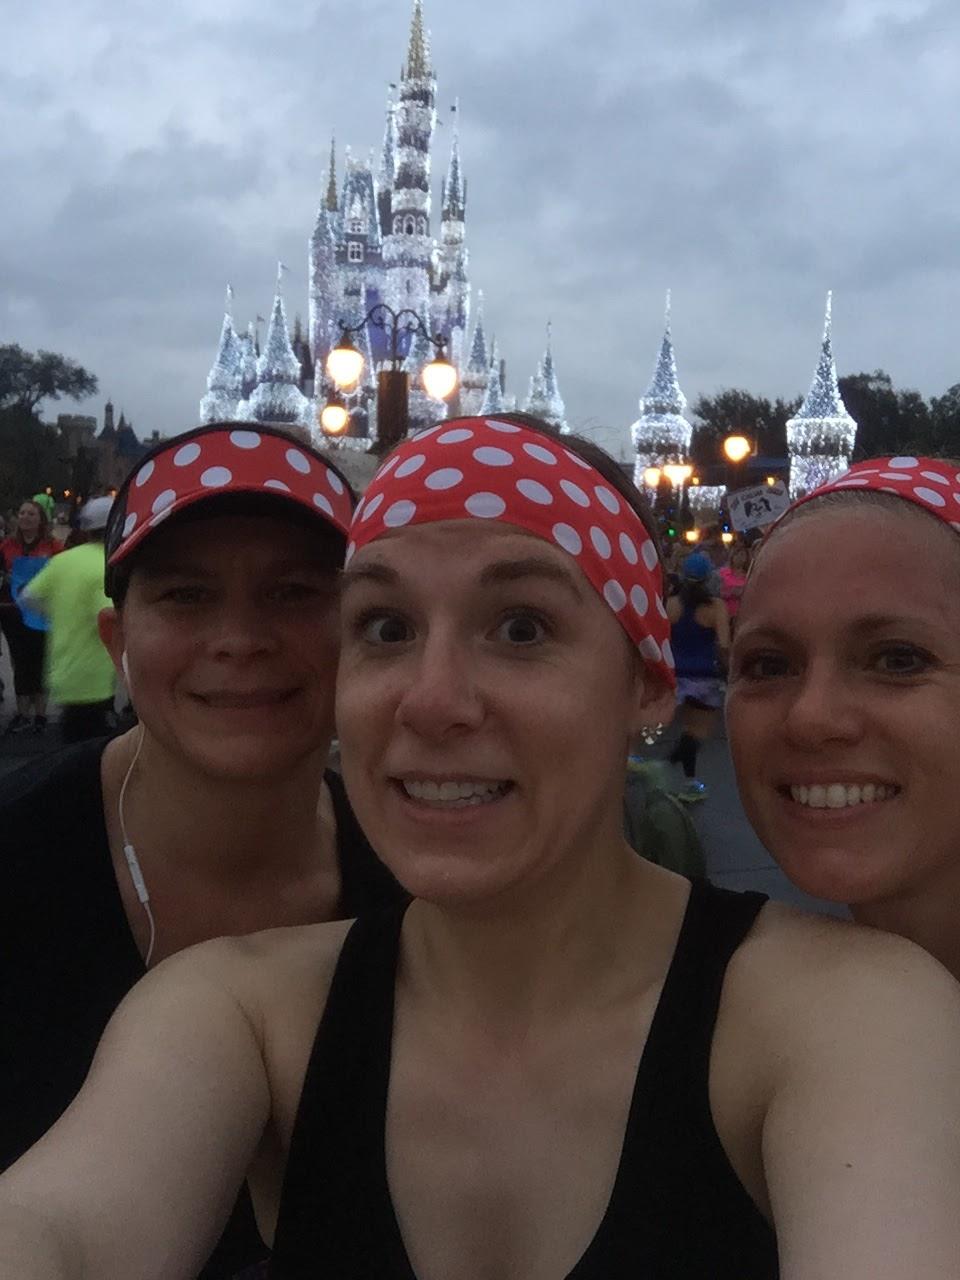 Dopey Challenge Mickey Marathon 2016 In front of Cinderella's castle